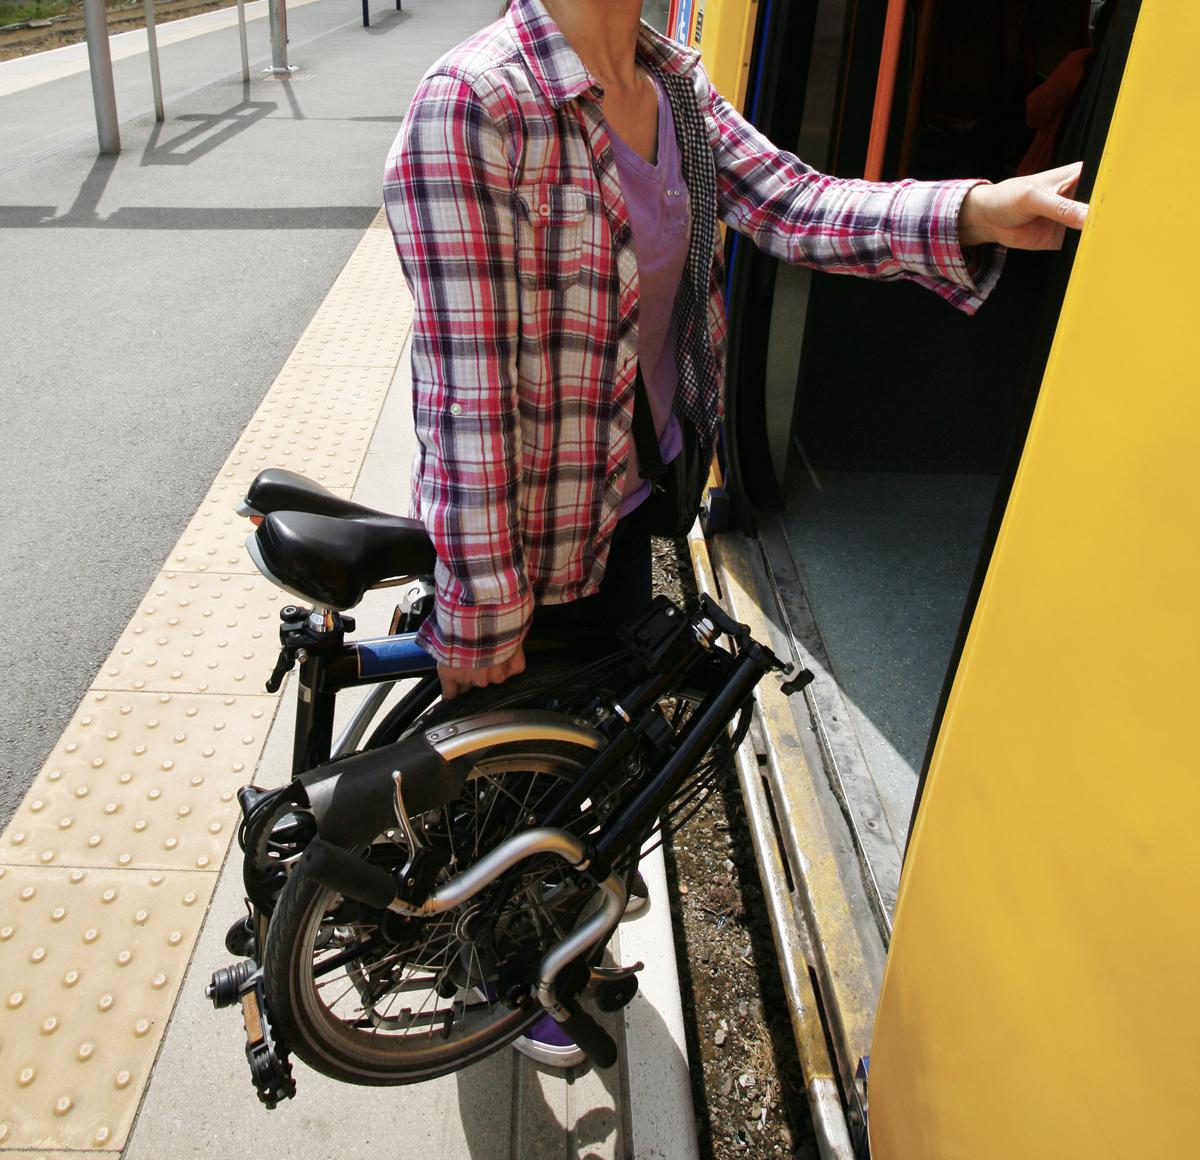 Vélo pliable léger pour le transporter dans les transports en commun